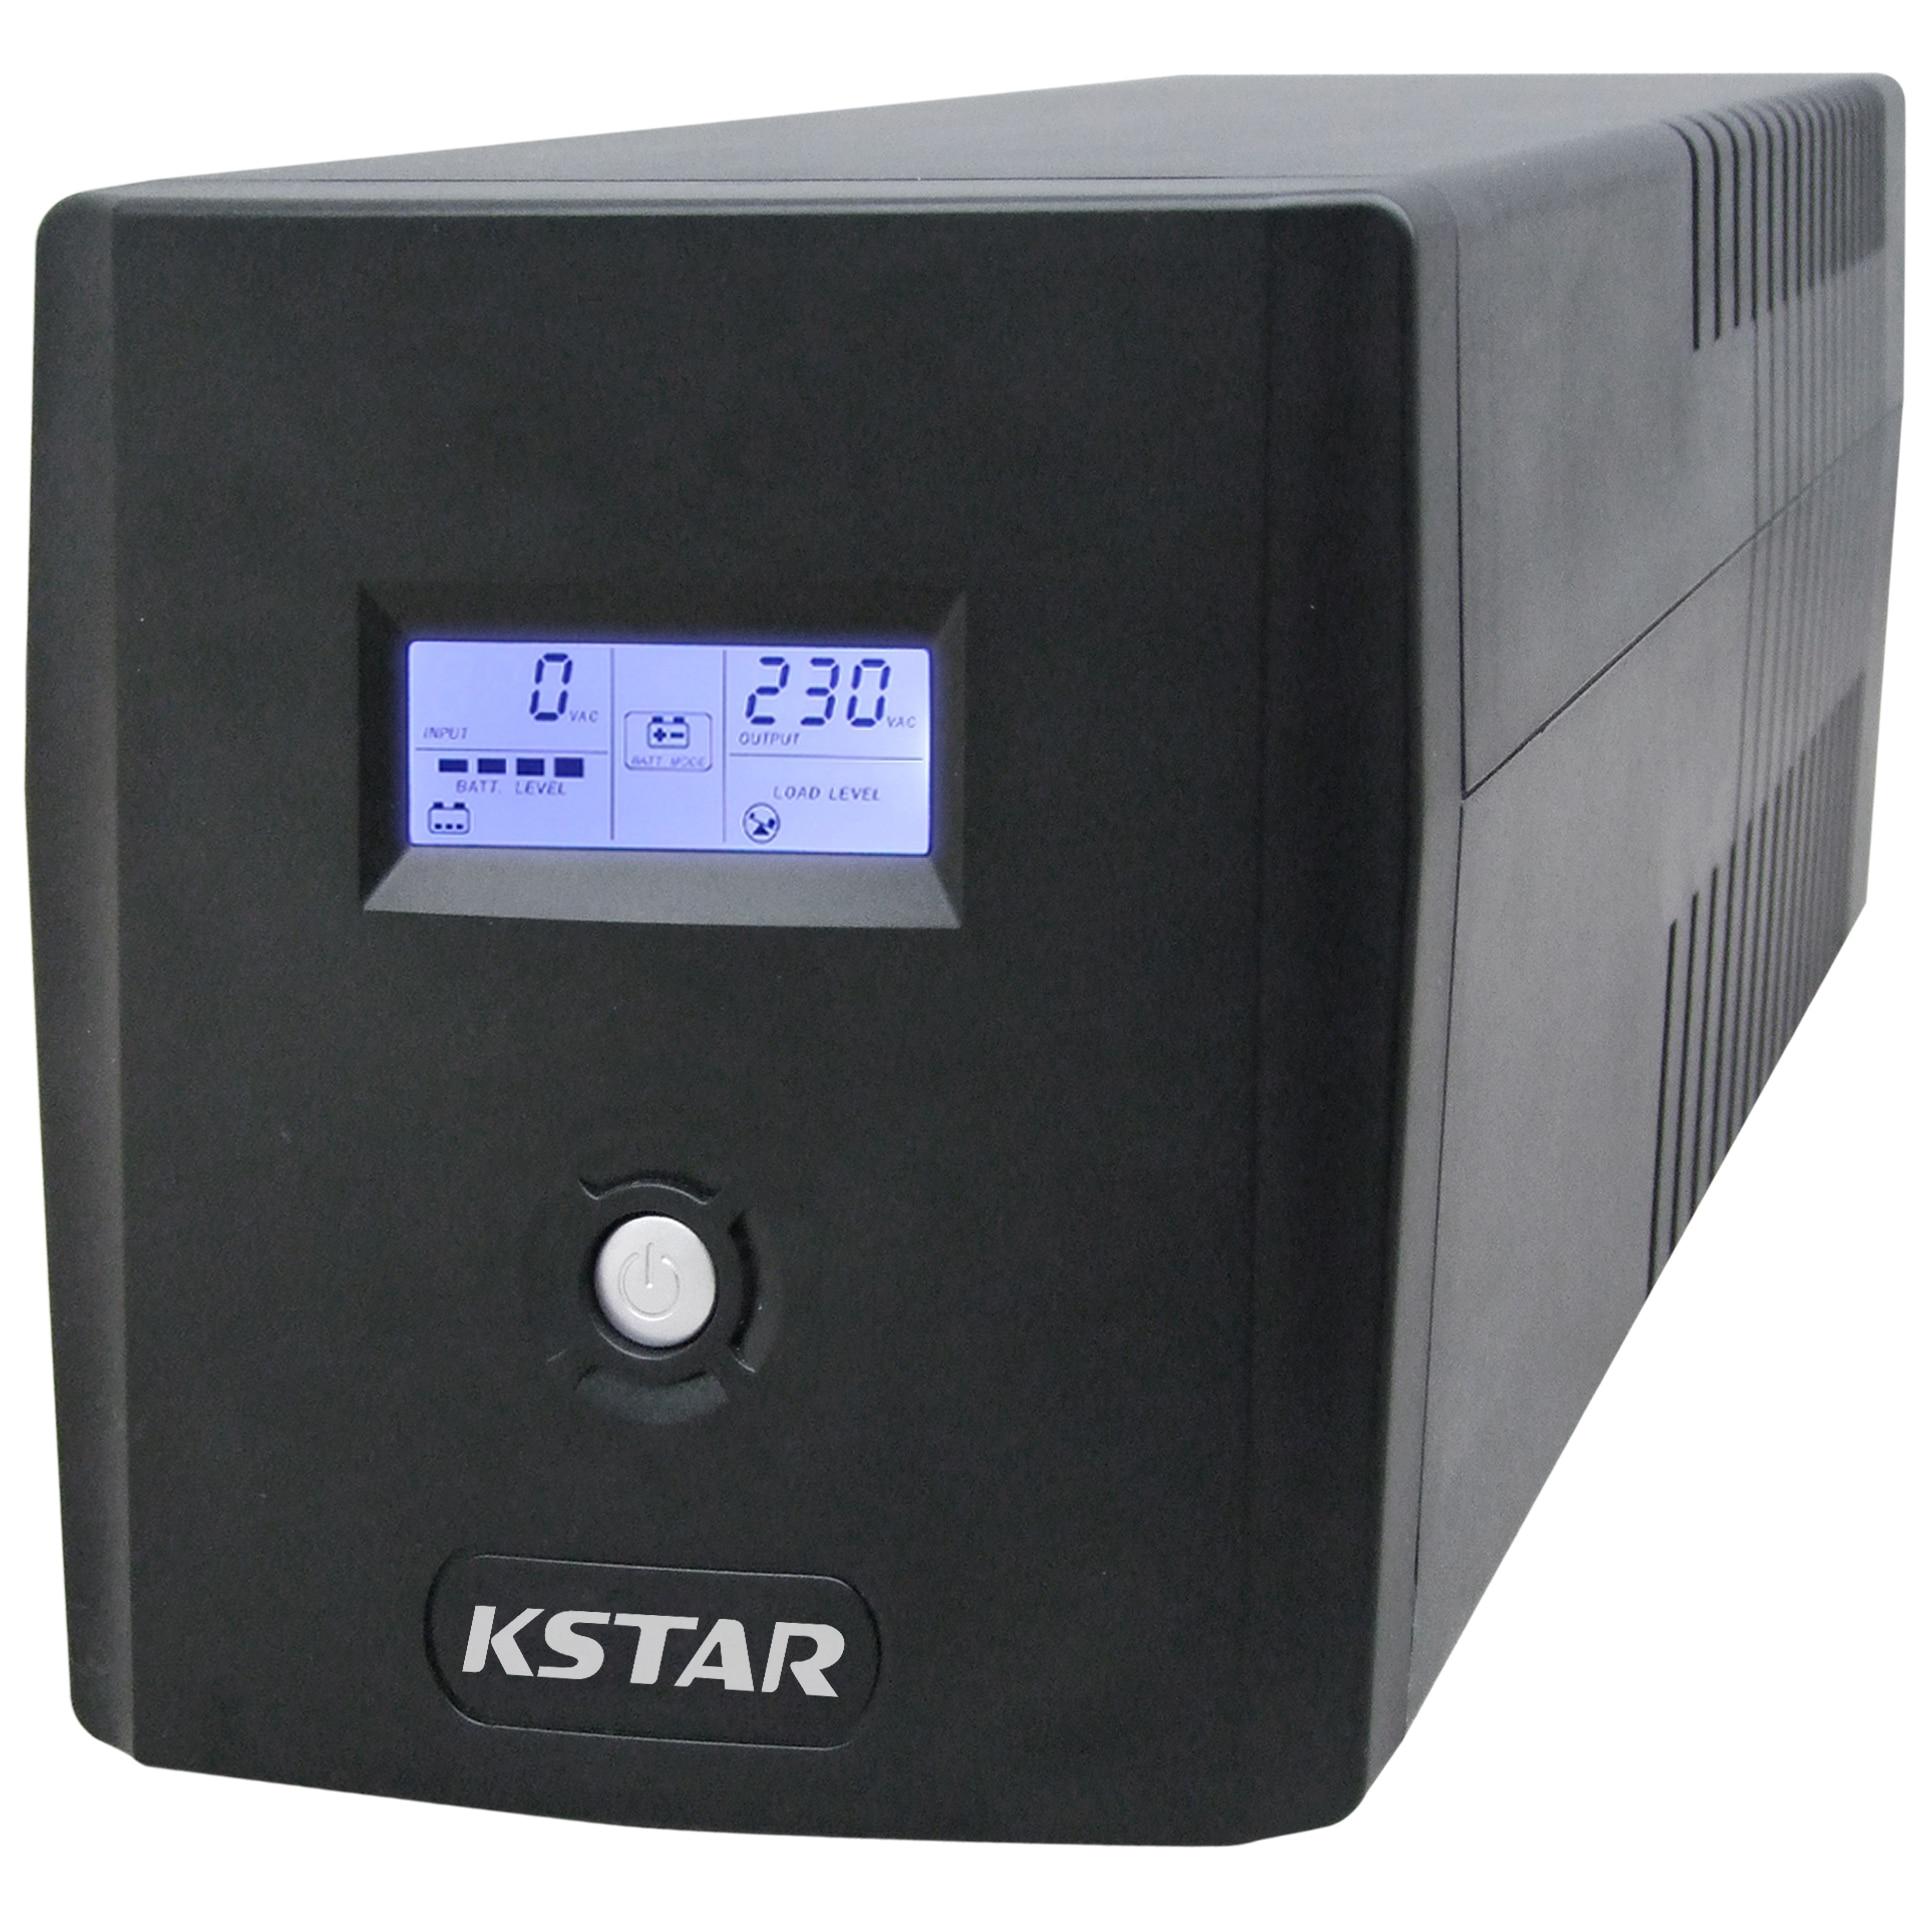 Fotografie UPS Kstar Micropower Micro 1000, 1000 VA, 600 W, LCD Display, USB, RJ45, Line-interactive